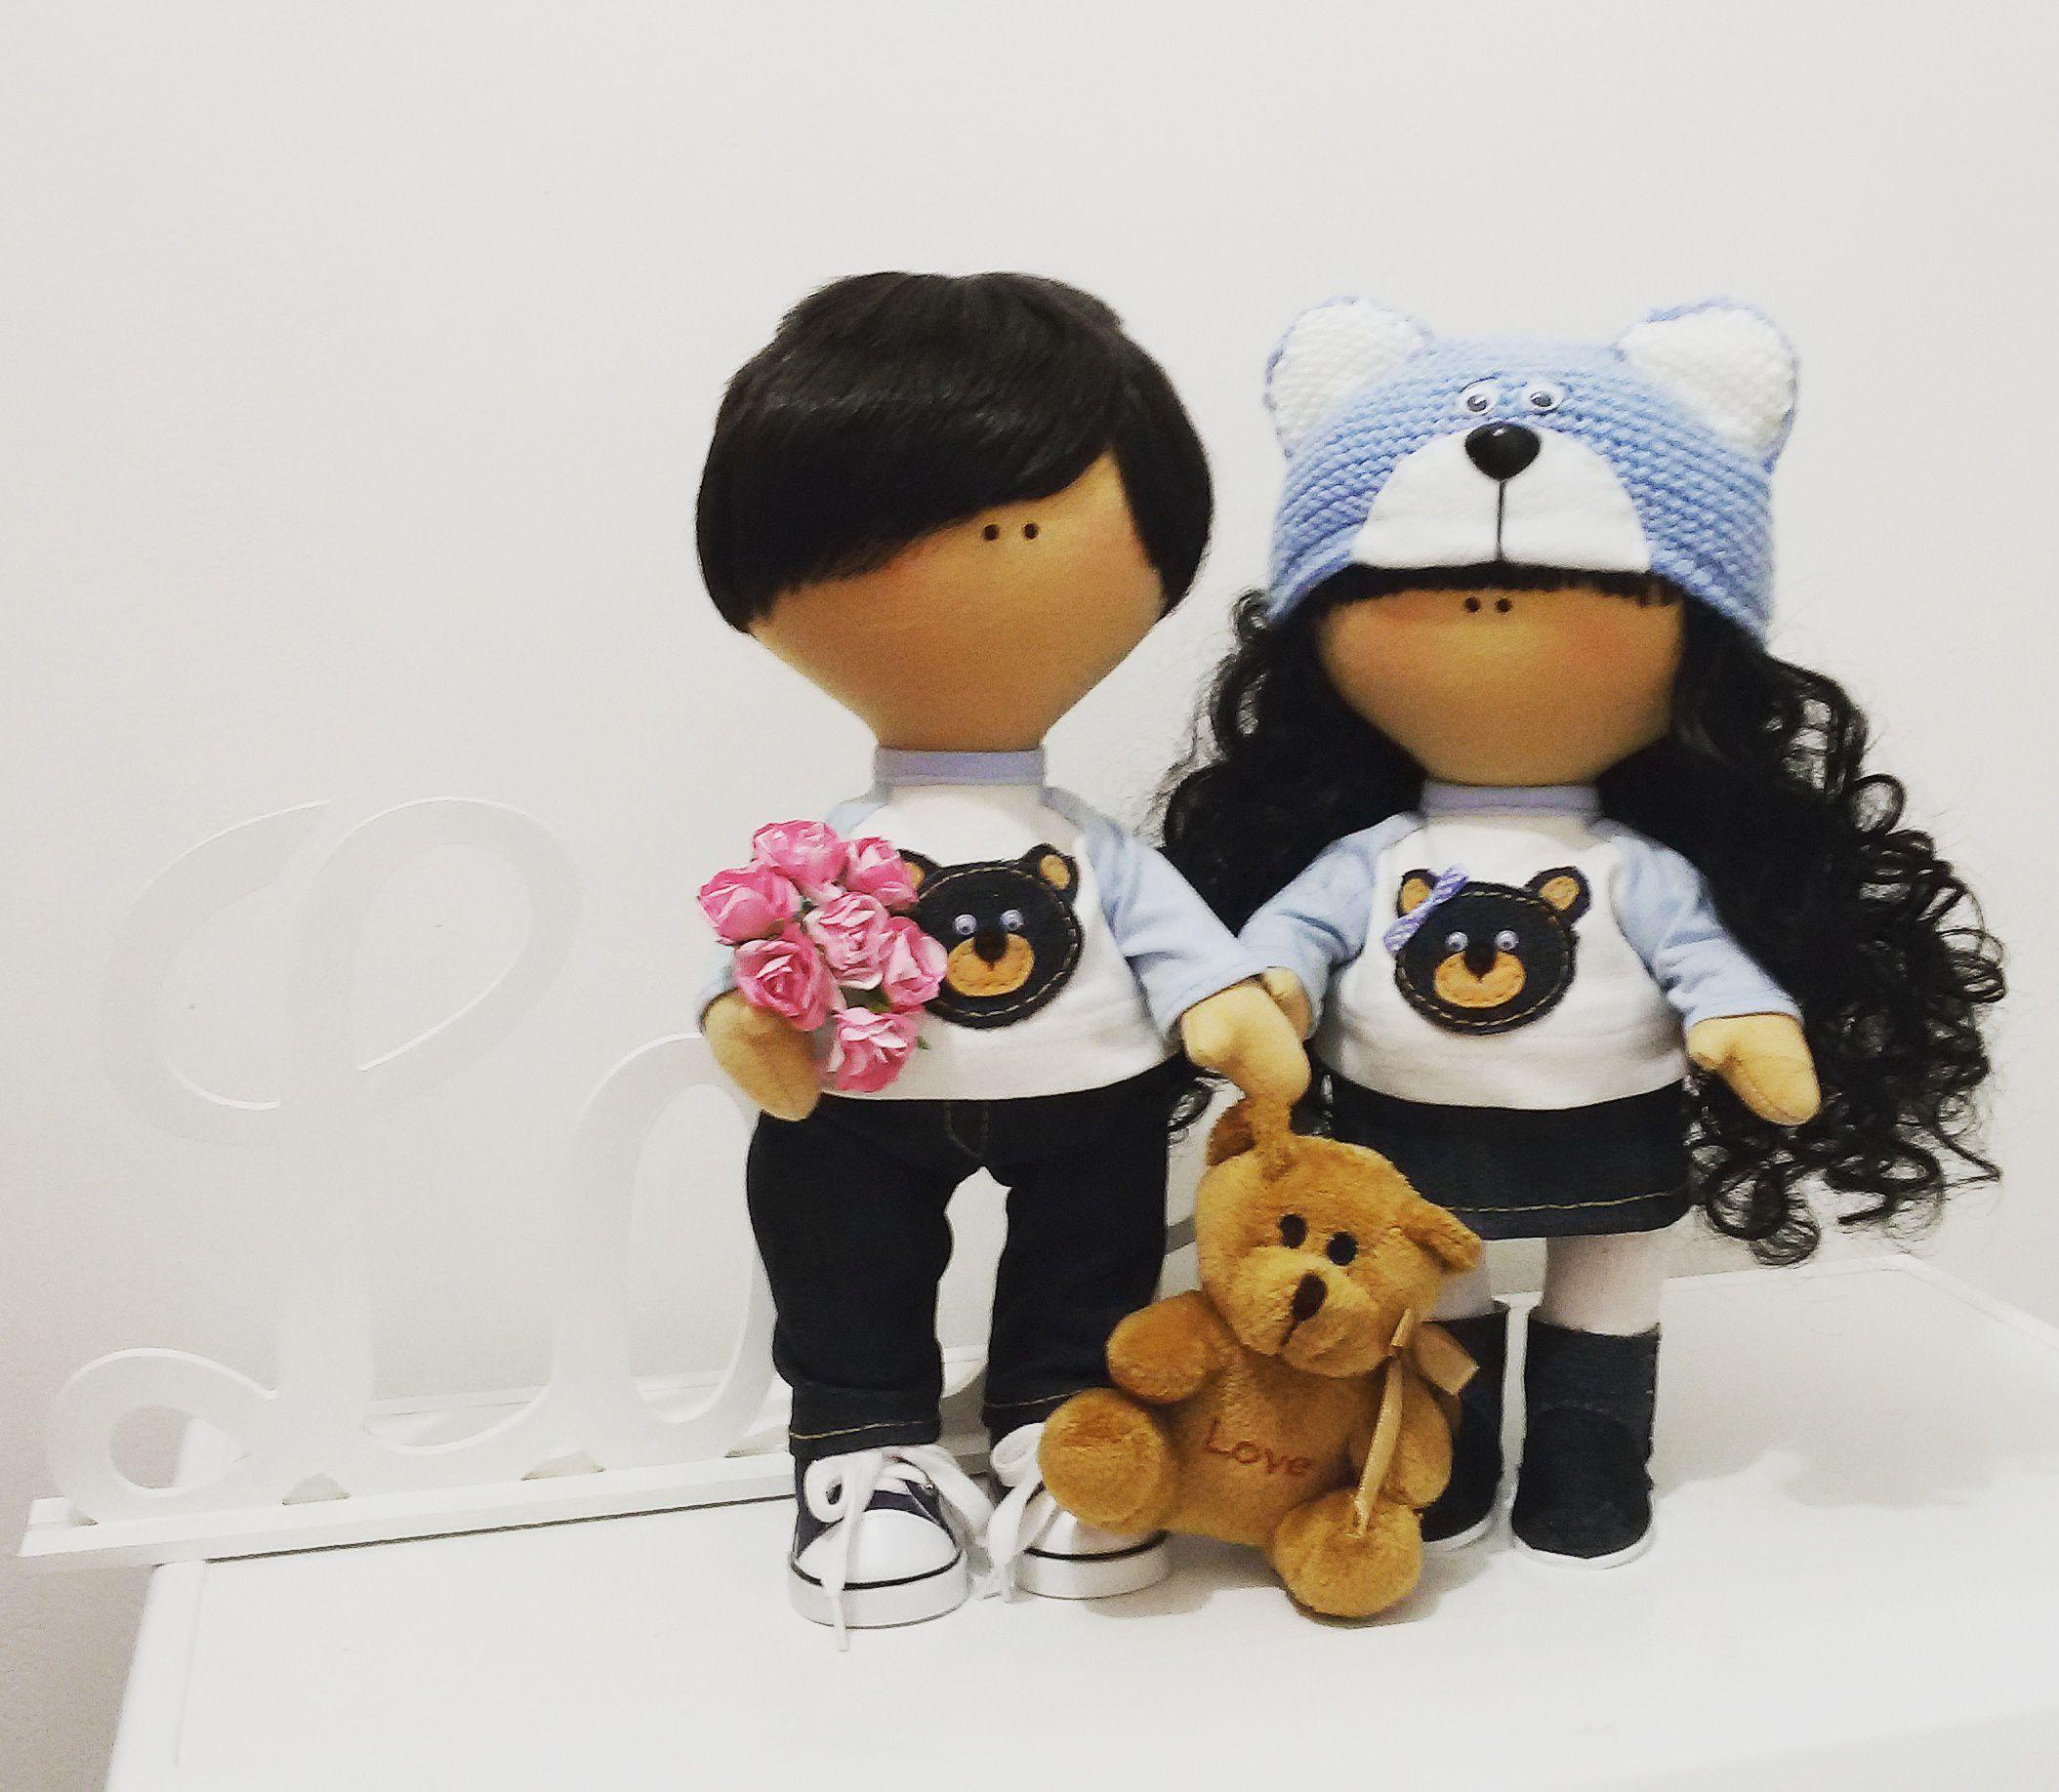 куклаизткани интерьернаякукла текстильная кукла подарок